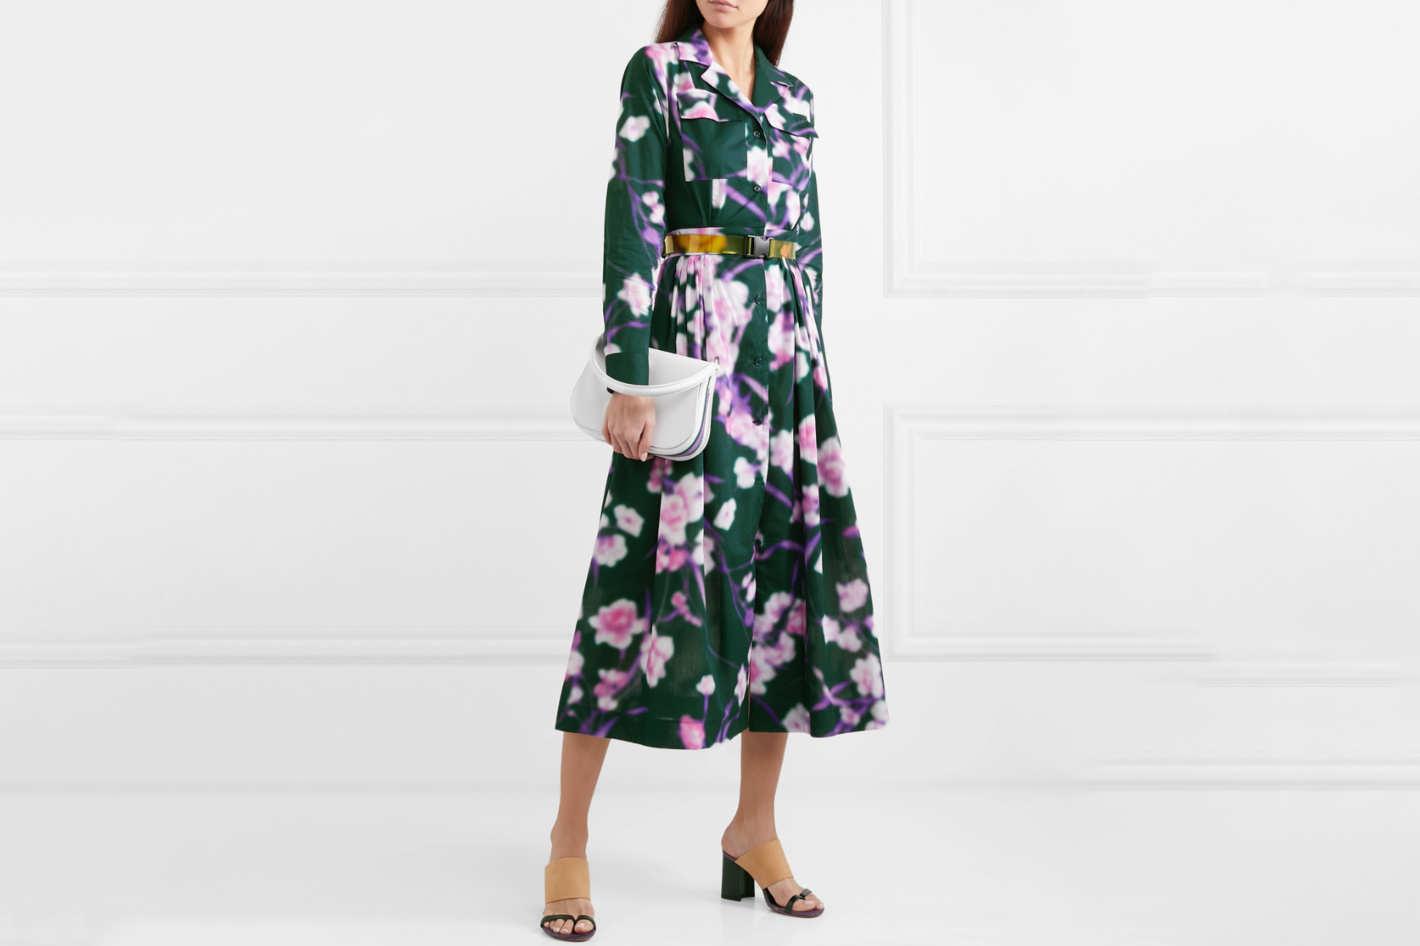 Dries Van Noten Pleated Floral Midi Dress